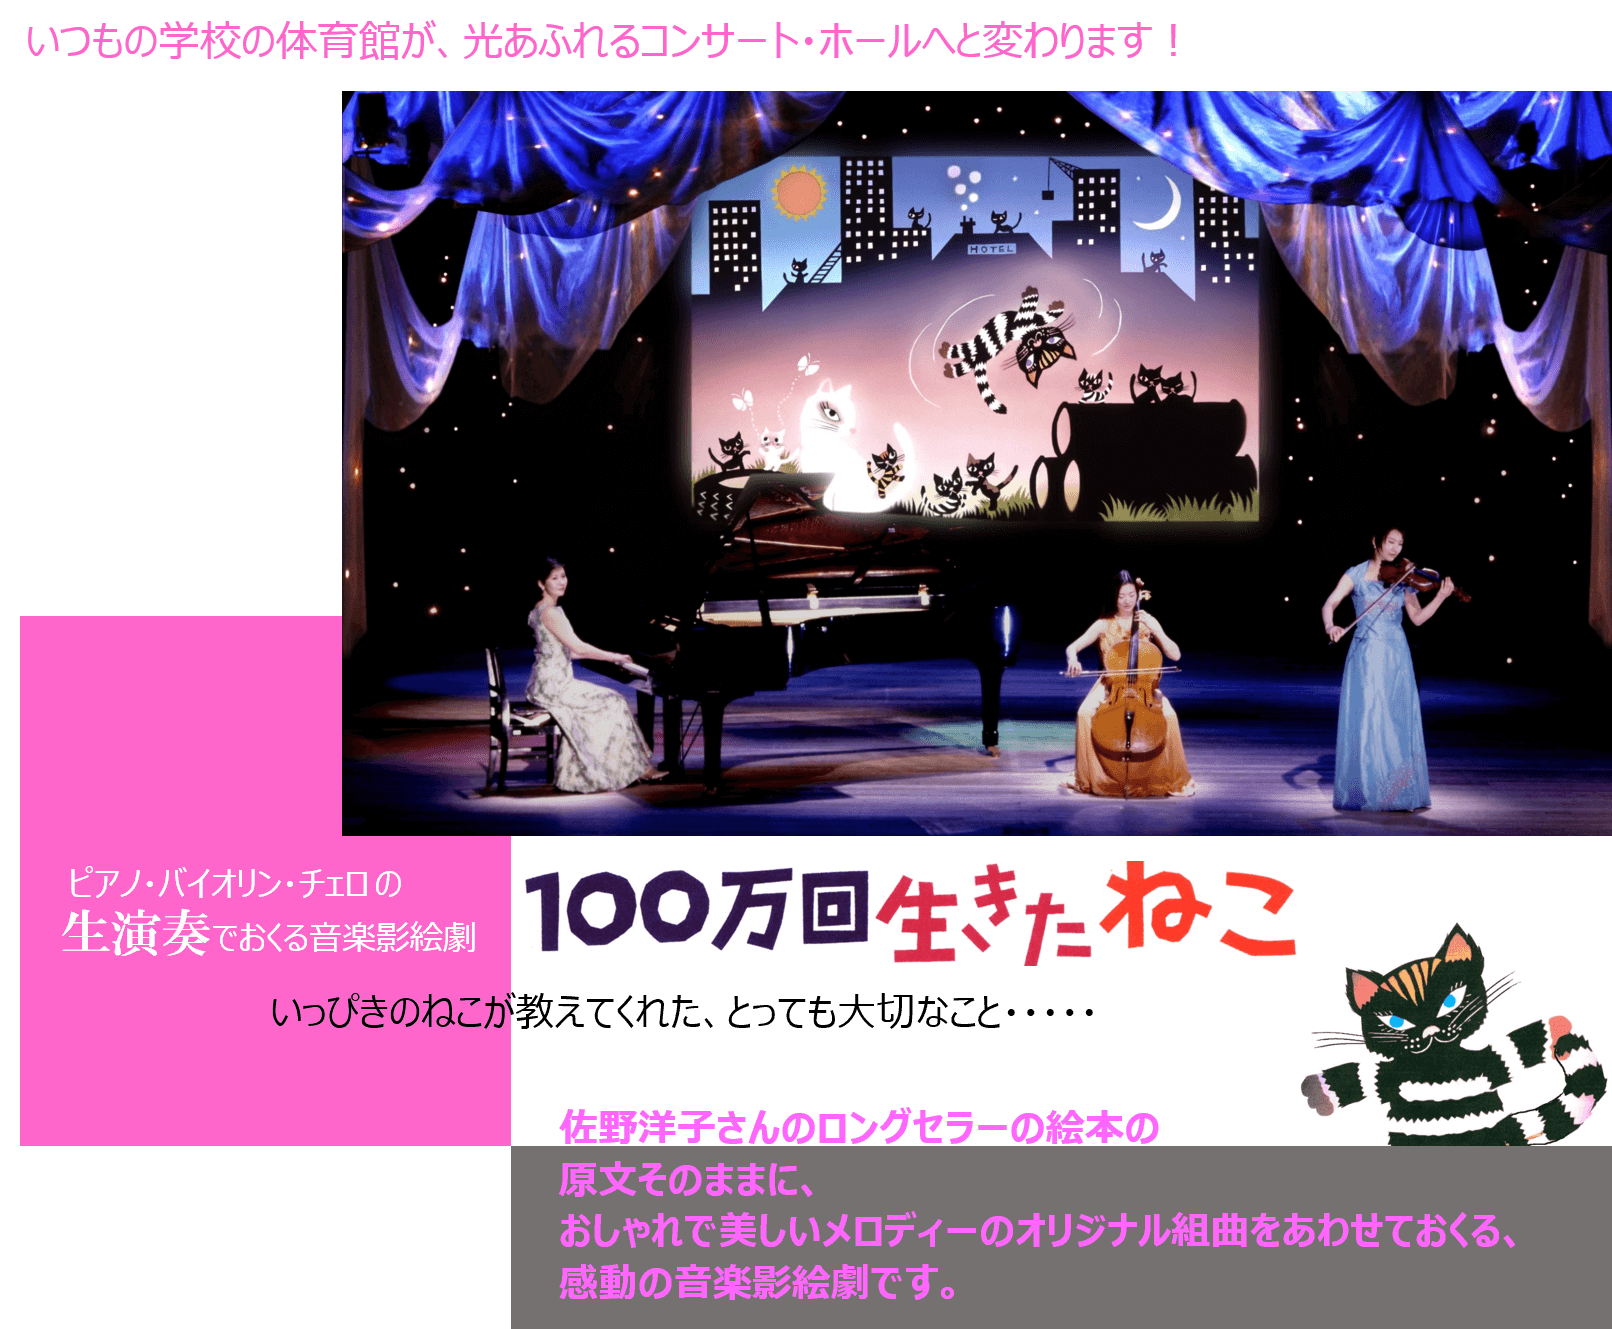 芸術鑑賞 音楽鑑賞  生演奏 影絵劇 100万回生きたねこ (1)